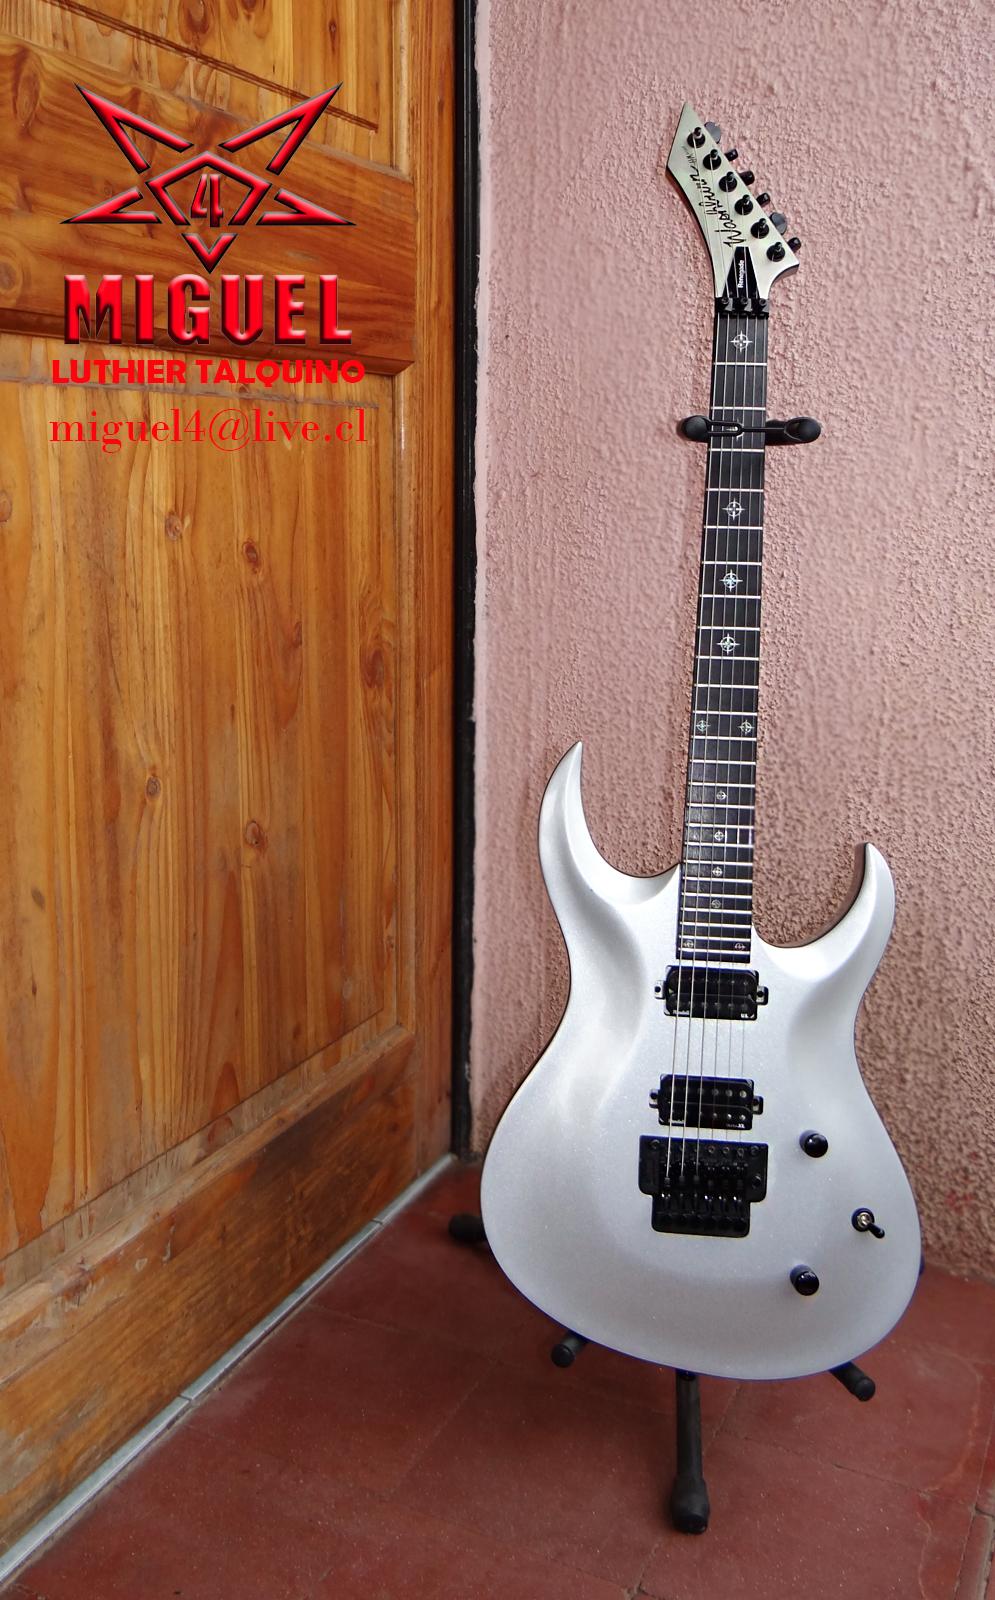 Luthier miguel4 talca guitarra electrica washburn hm for Luthier guitarra electrica